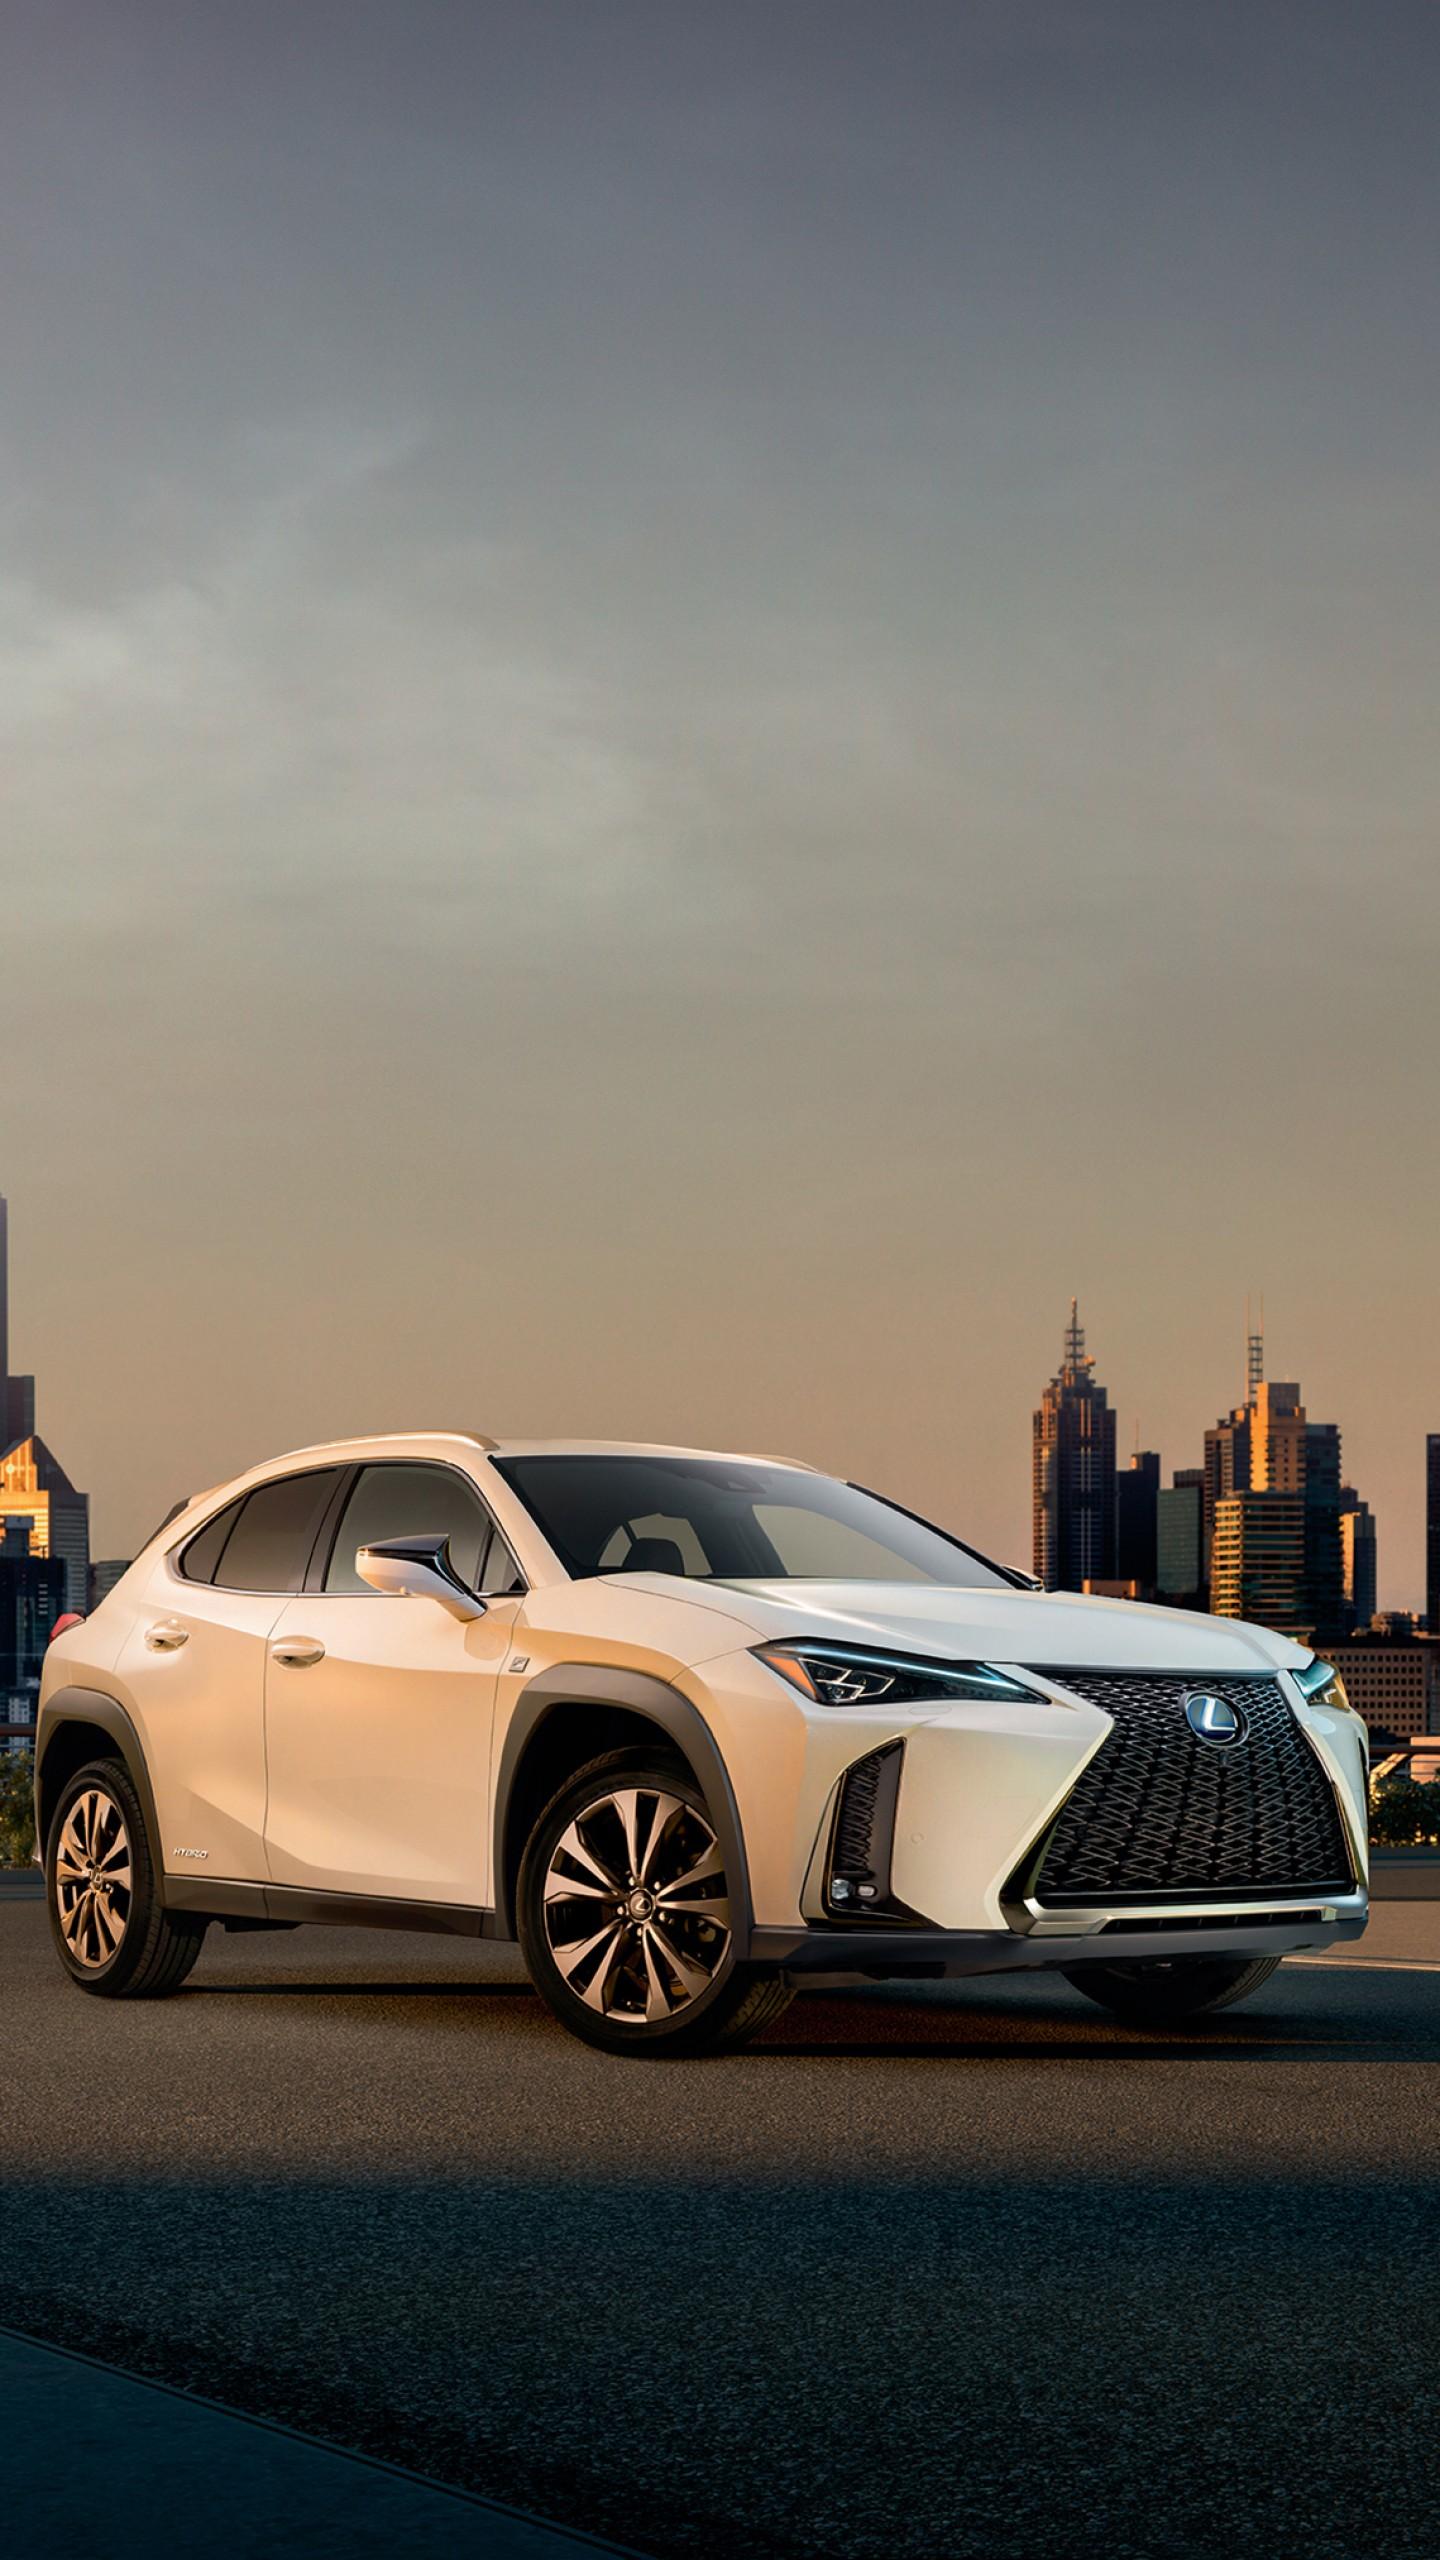 wallpaper lexus ux  suv  2019 cars  4k  cars  u0026 bikes  20262